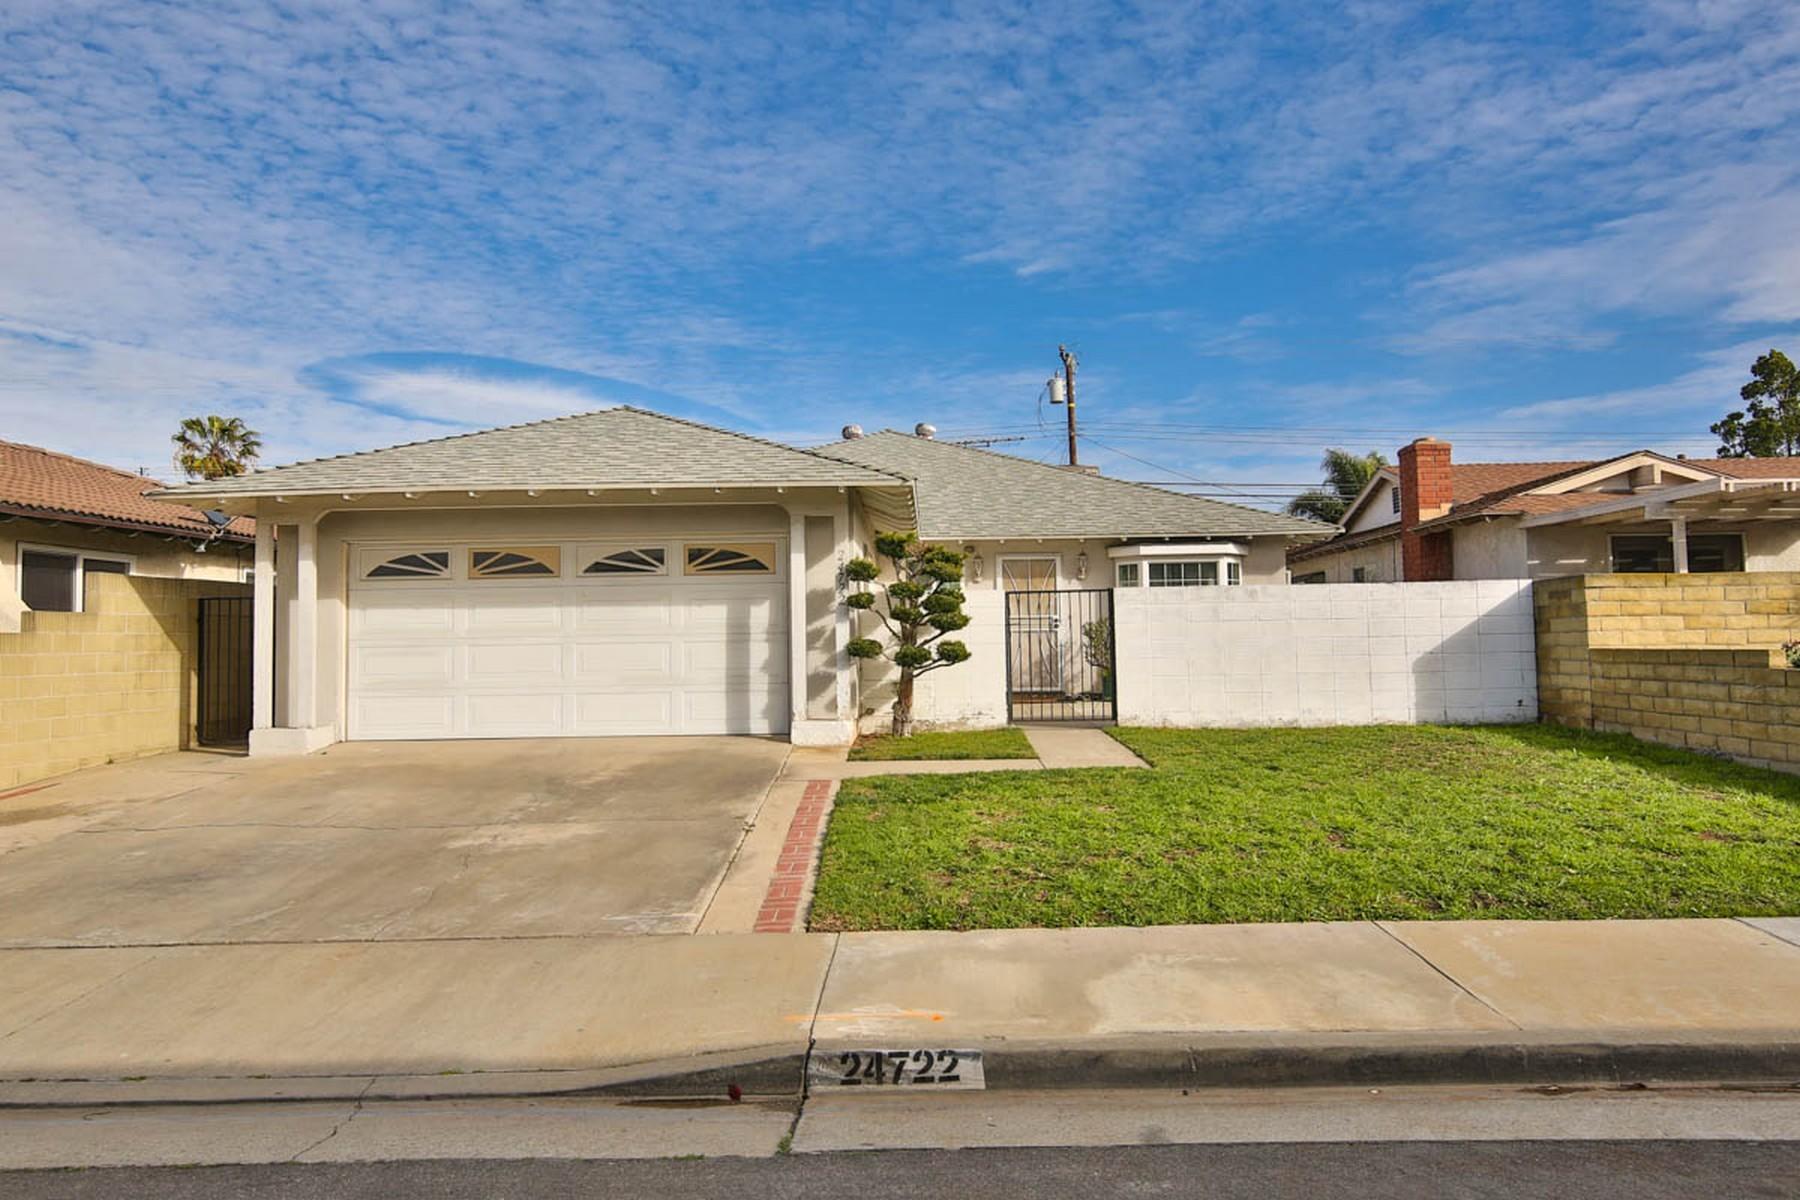 Casa Unifamiliar por un Venta en 24722 Panama Ave Carson, California 90745 Estados Unidos